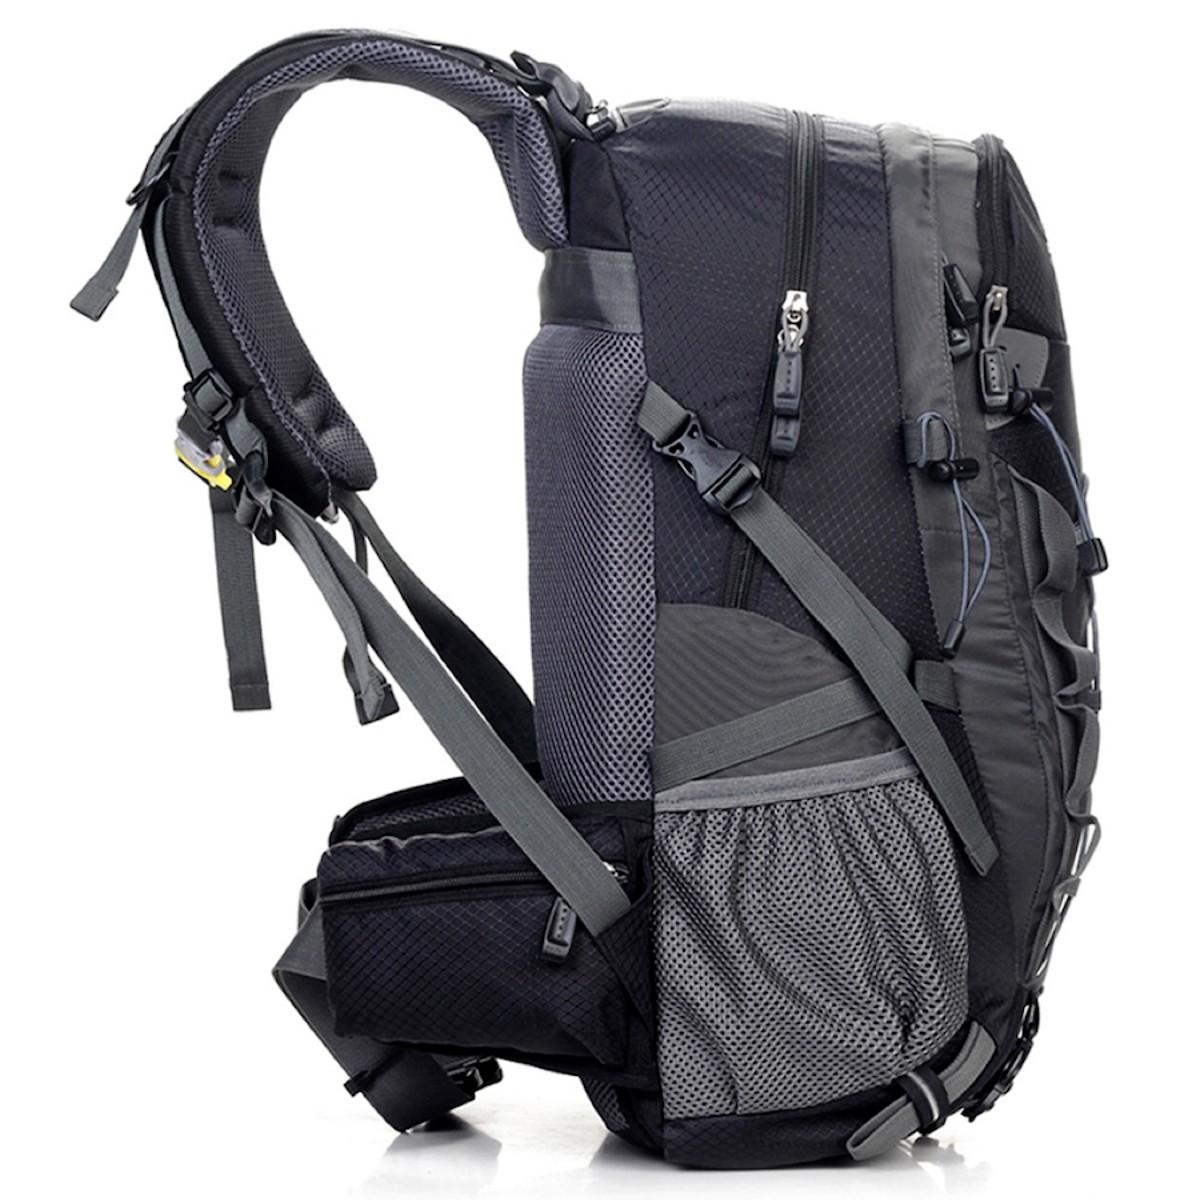 Mochila Cargueira 40 Litros Impermeável com Compartimento para Notebooks de Até 15.6 Polegadas Reforçada e Ergonômica para Camping Trilhas ou Viagens